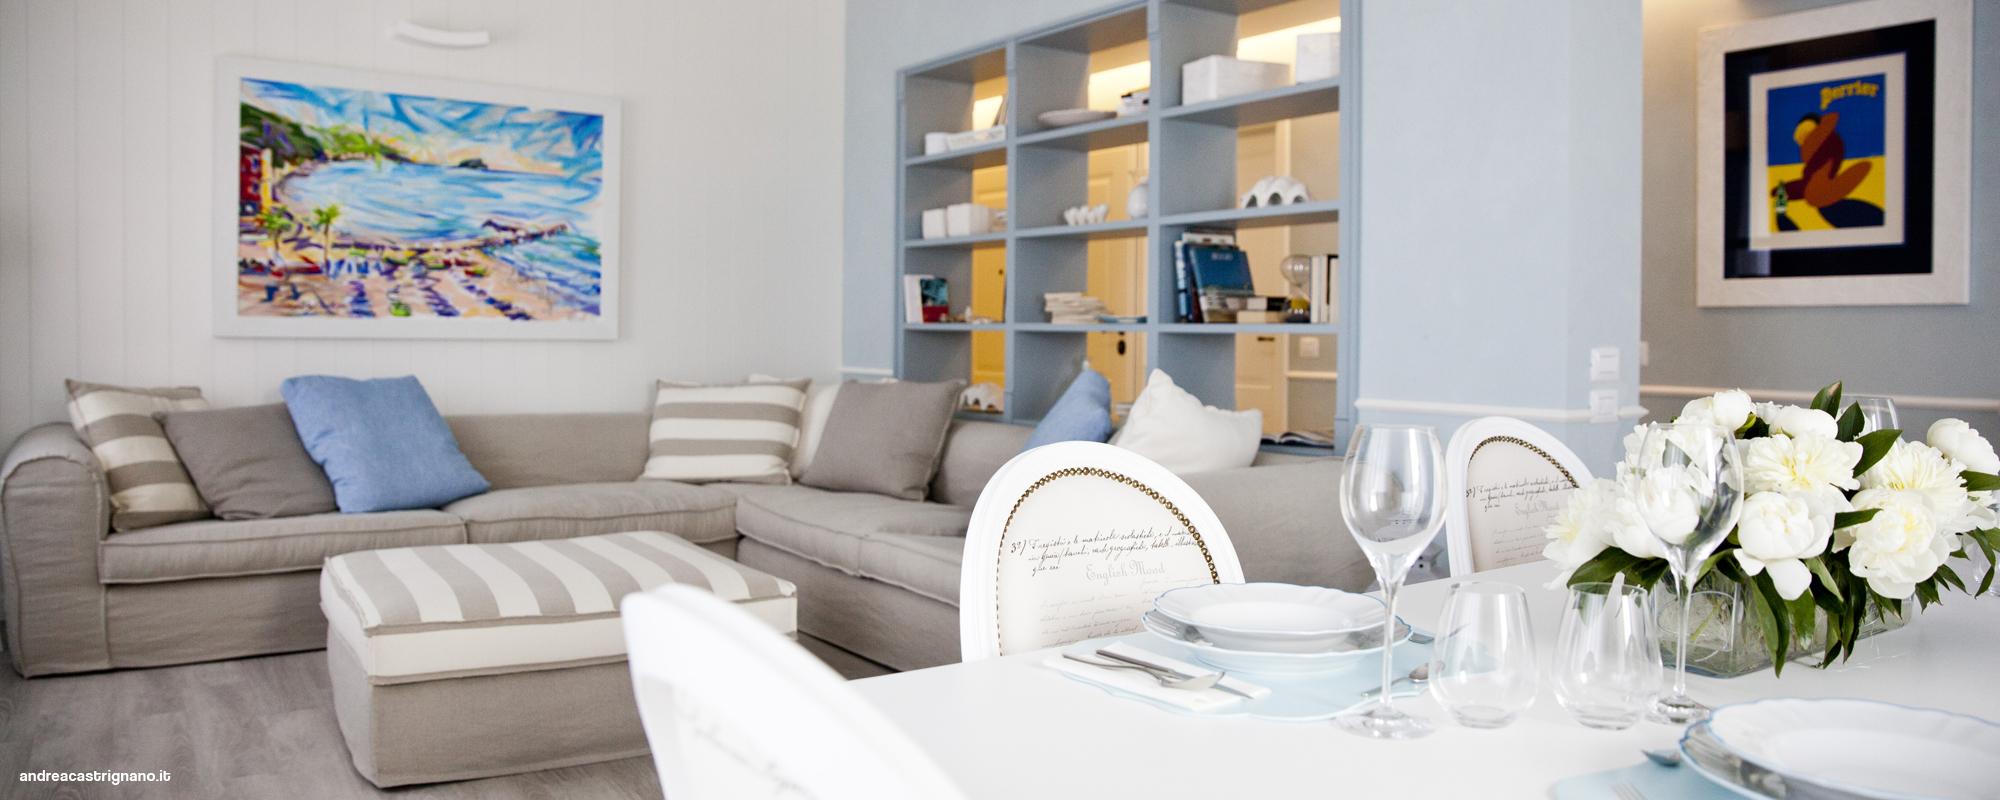 Cucine per case al mare ispirazione di design per la - Cucine per case al mare ...